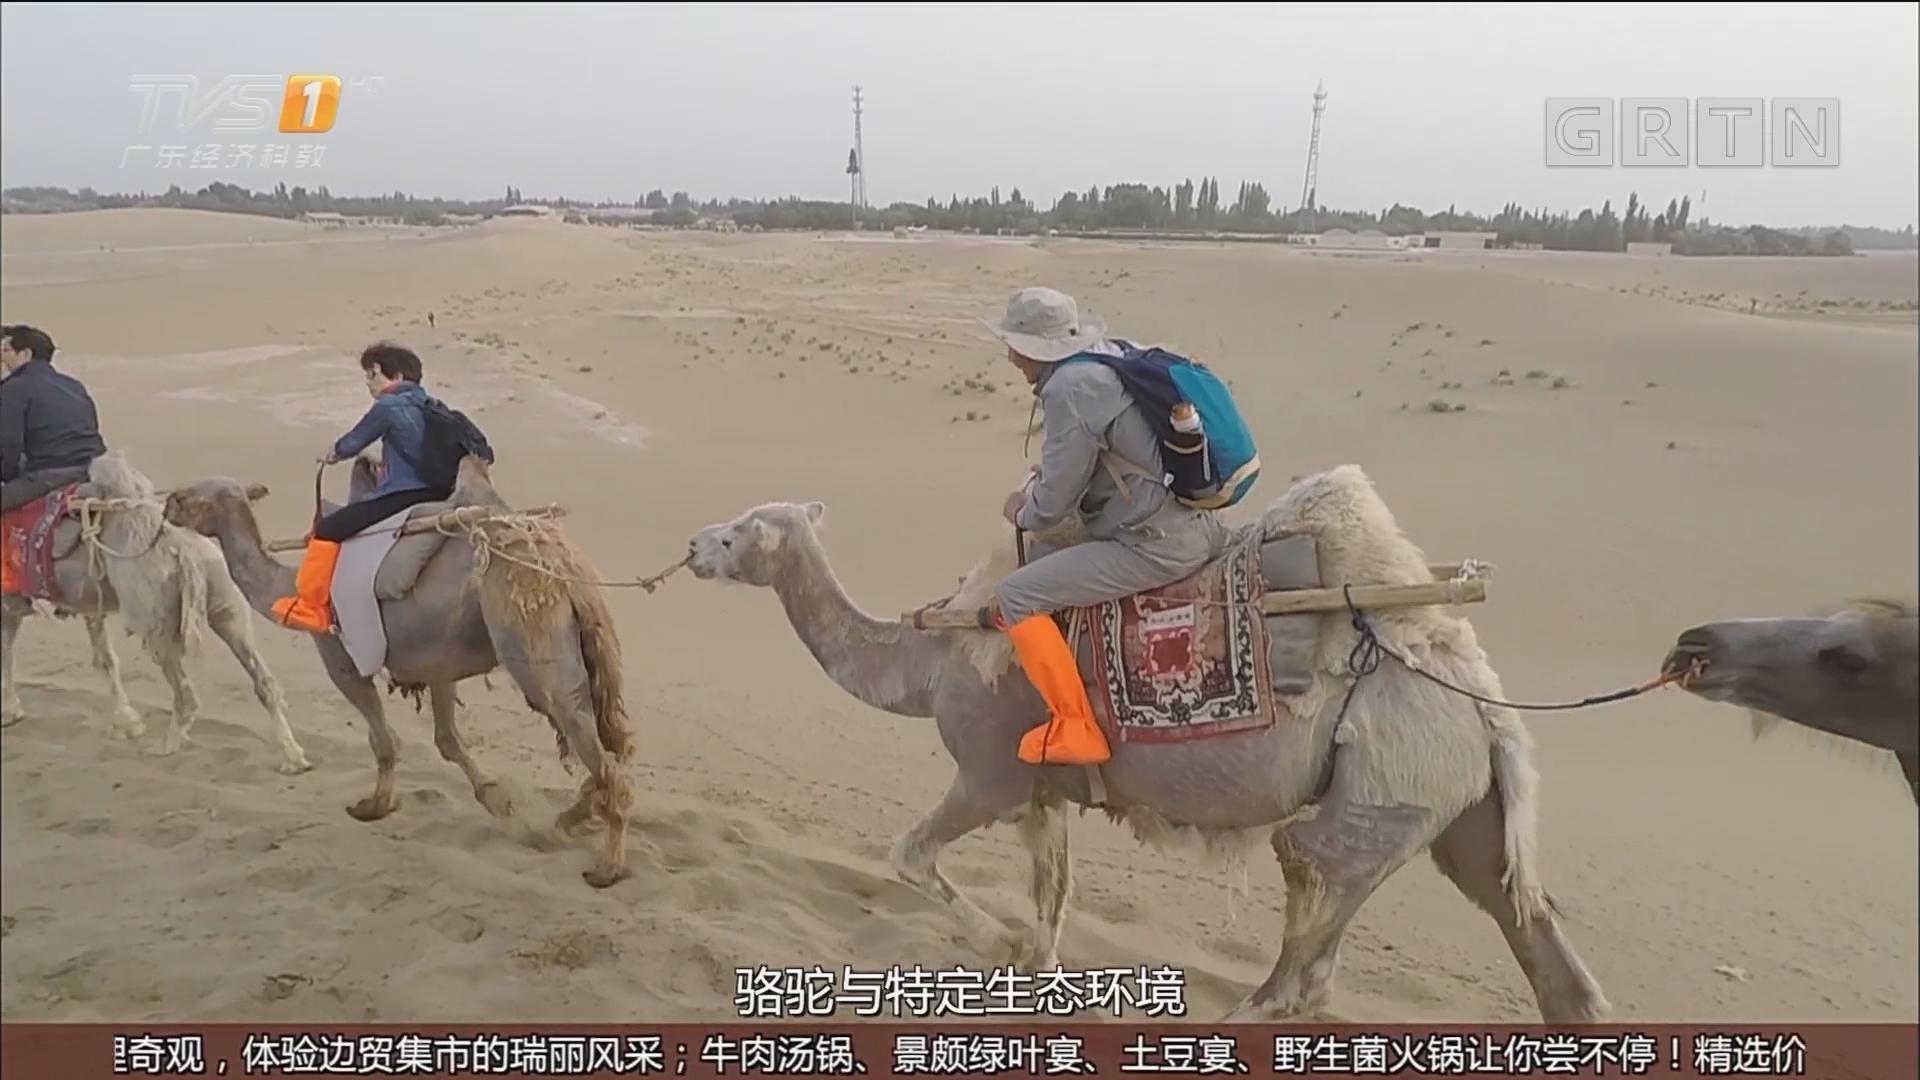 甘肃敦煌——骑骆驼